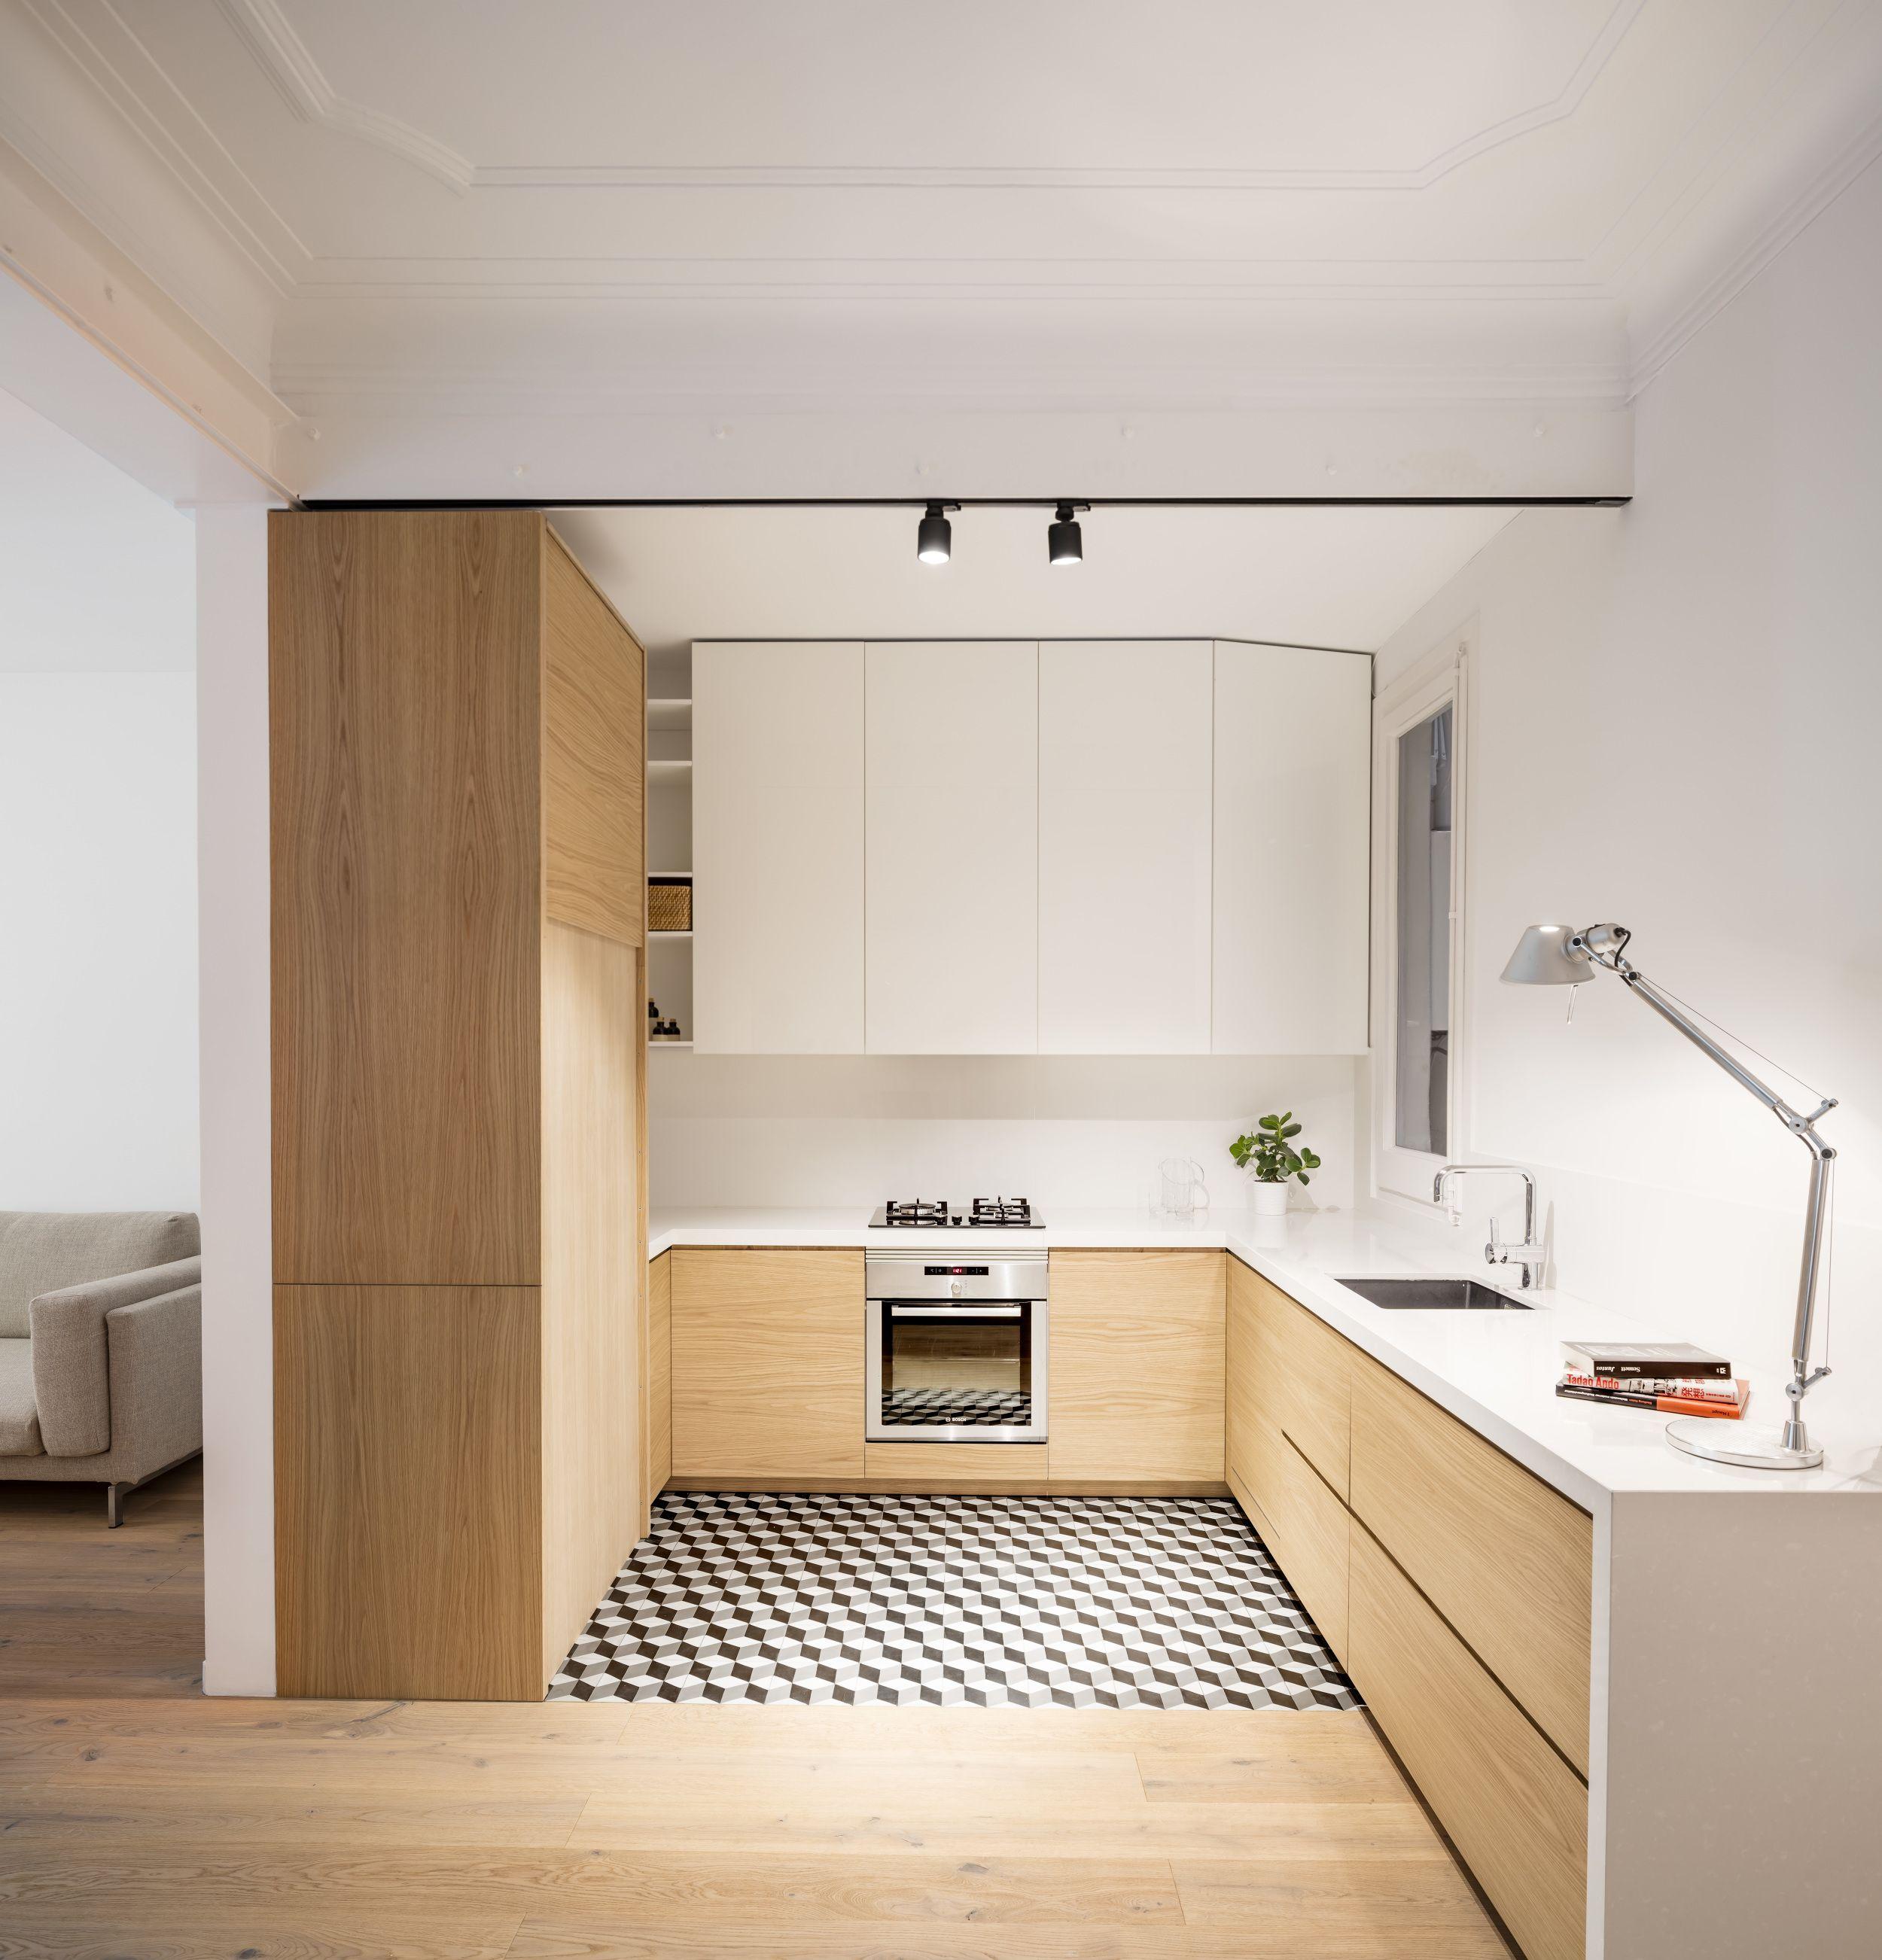 apartamento alan eo arquitectura home kitchen kitchen dining kitchen decor - Eo Kitchen